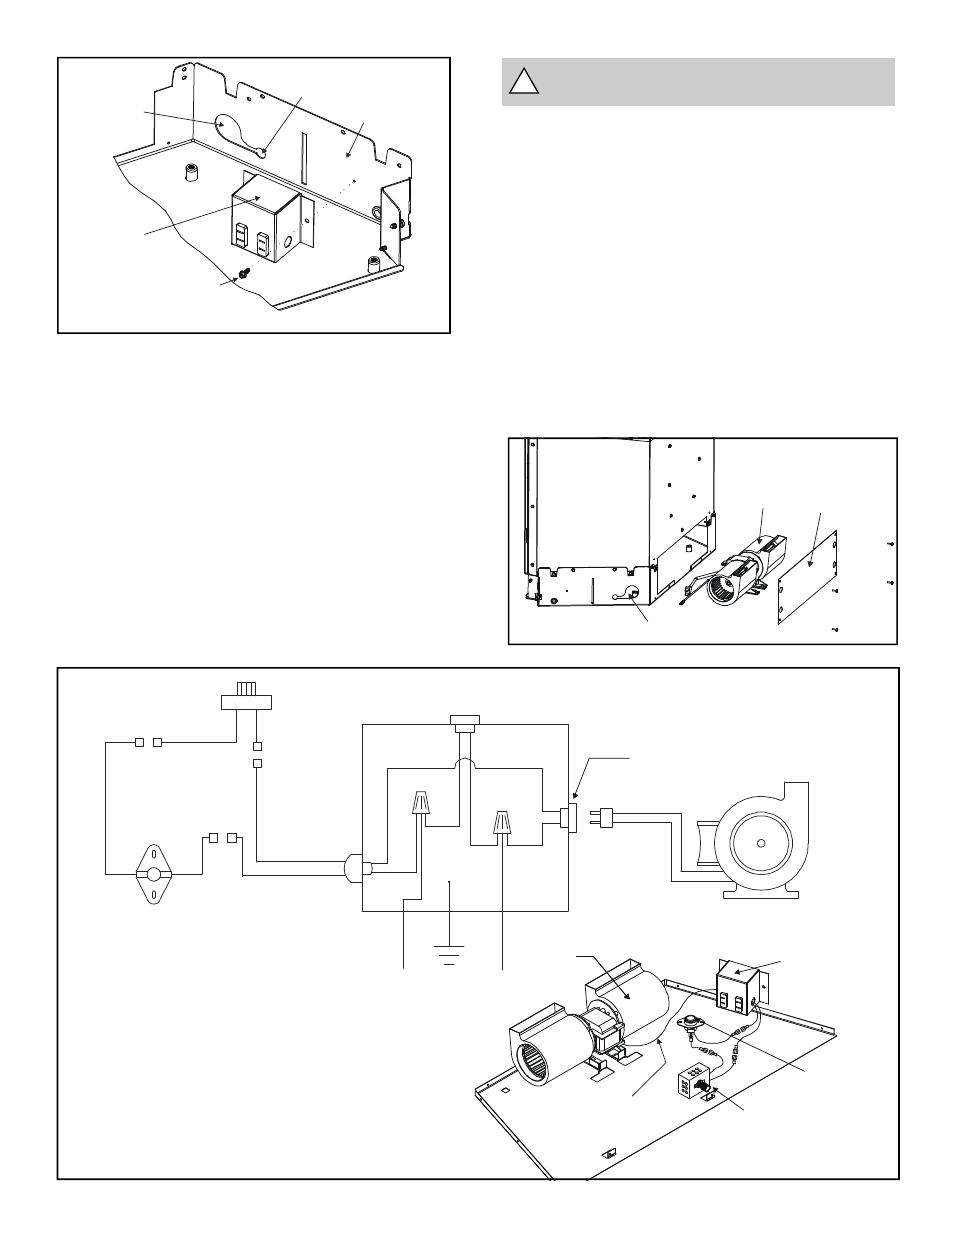 medium resolution of wiring diagram heat glo wiring diagram wiring diagram for heat n glo fireplace figure 10 fan